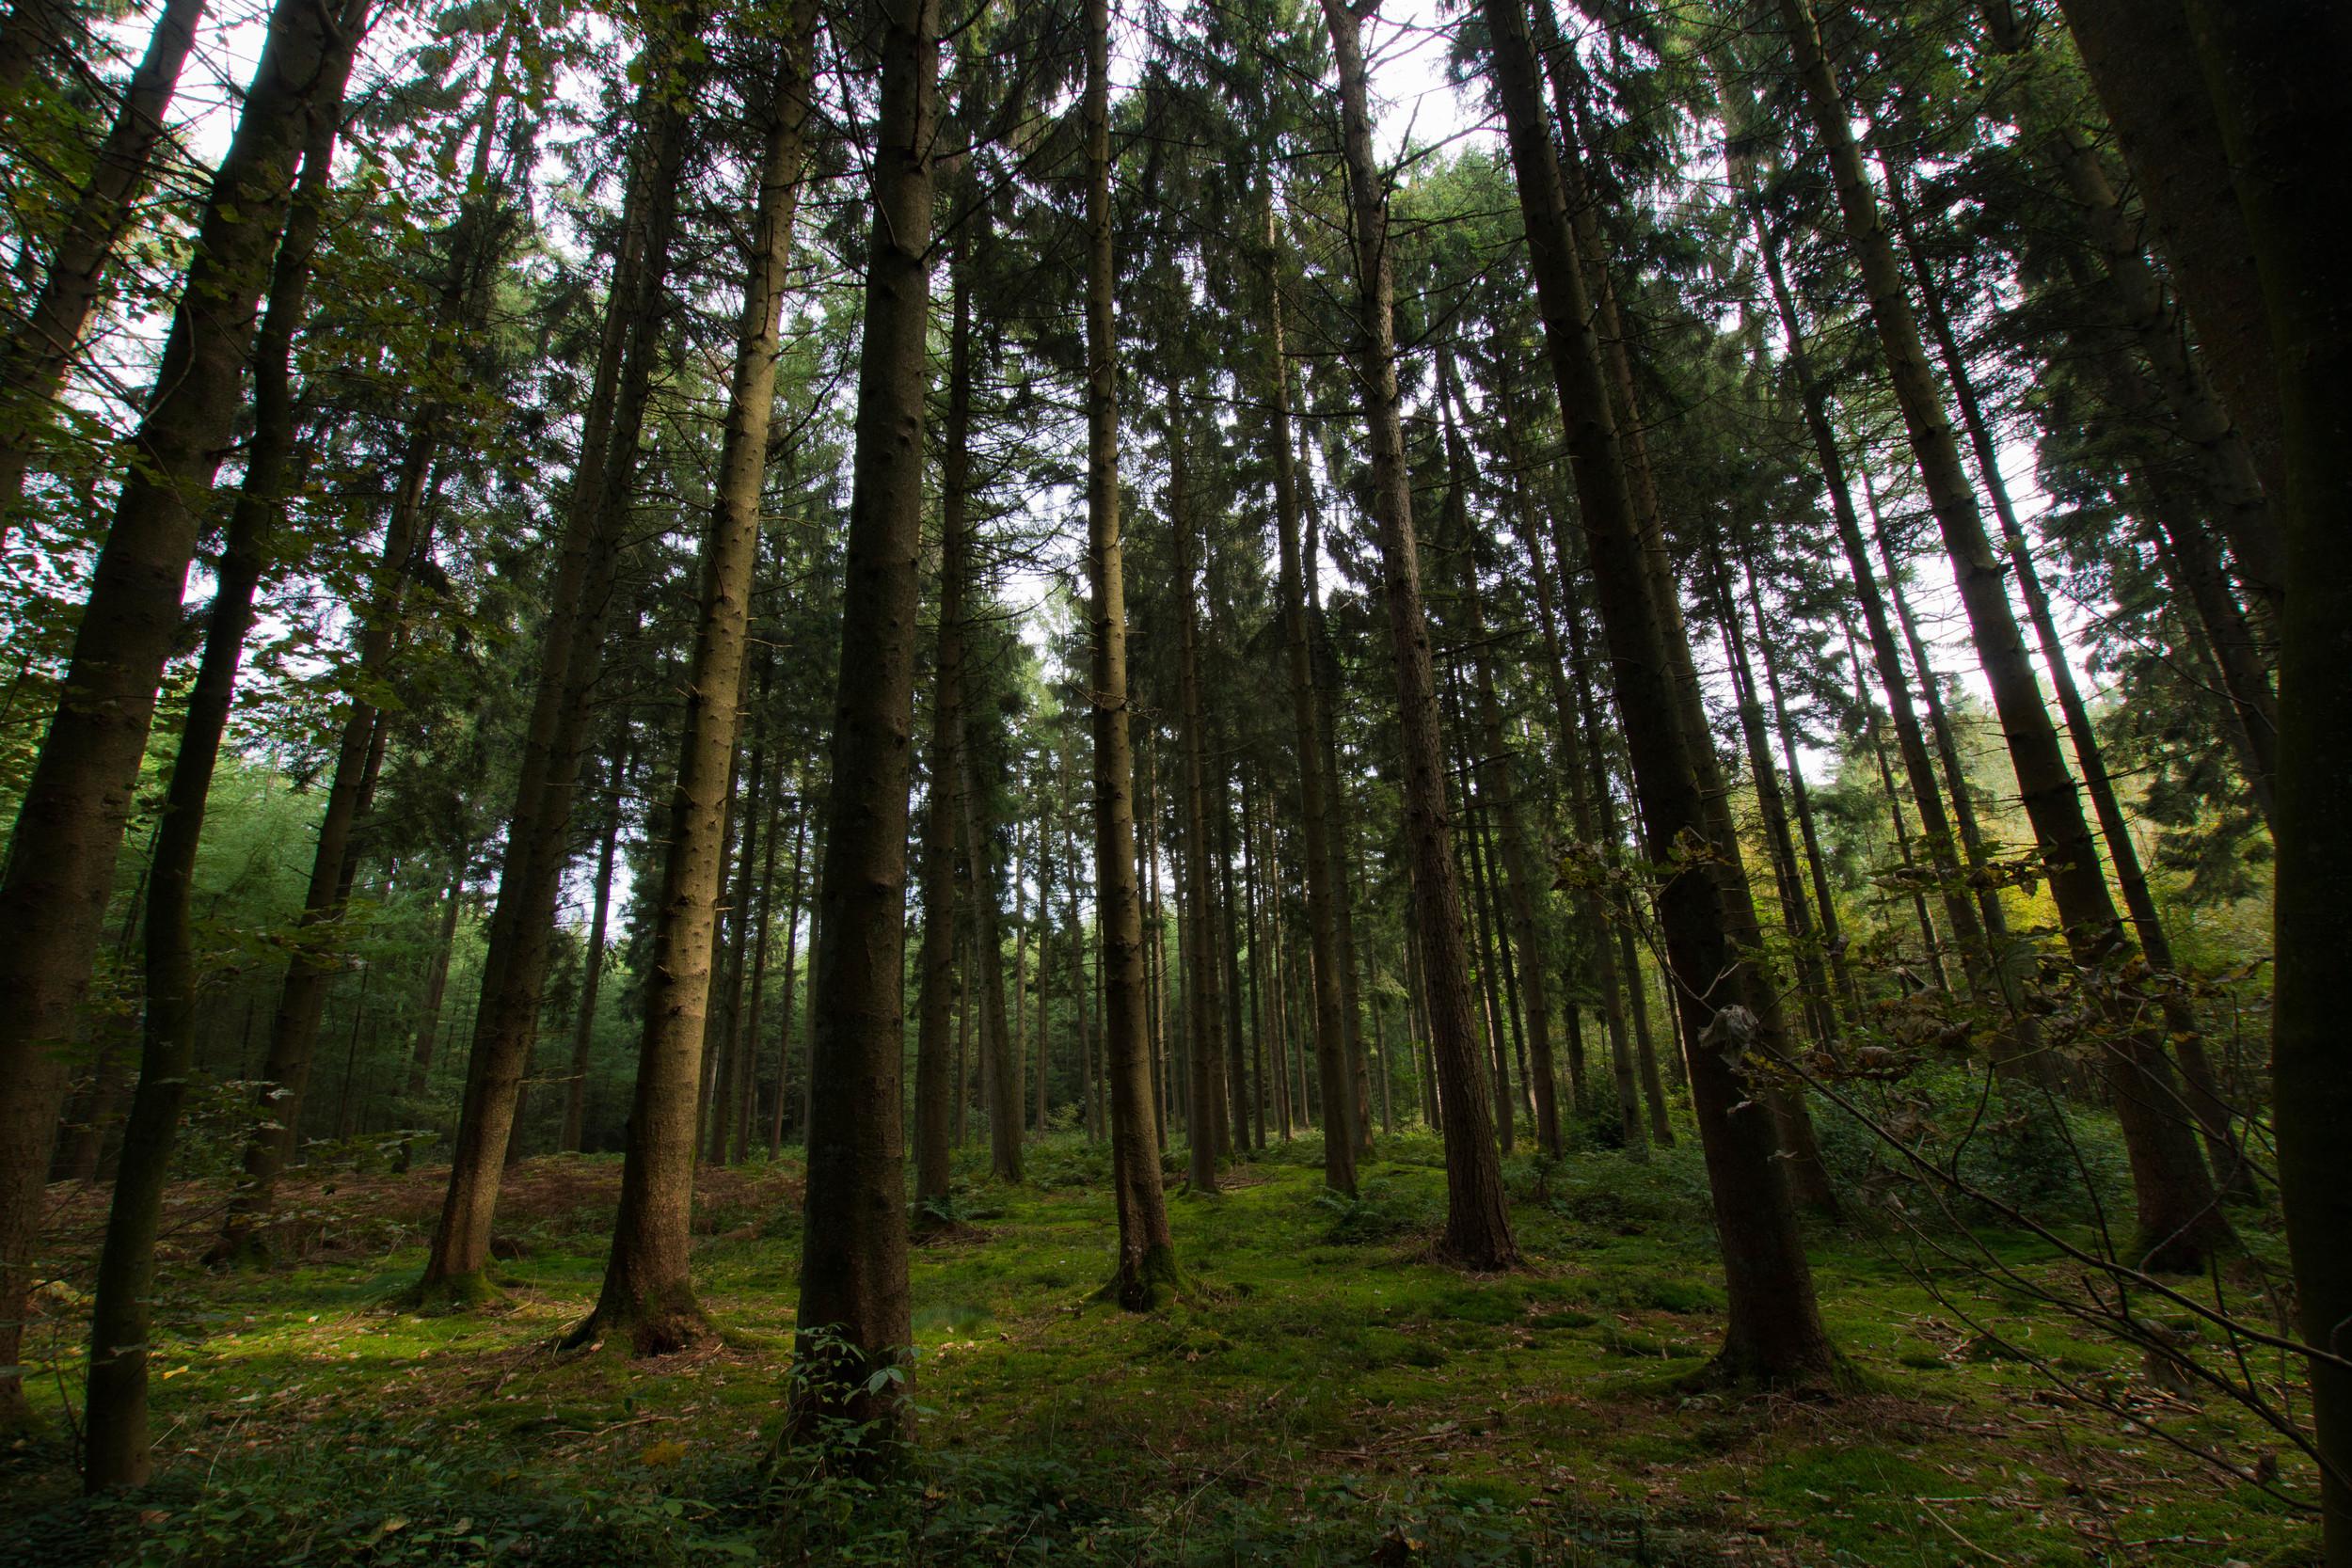 Forest - Chimay, Belgium - September 2014